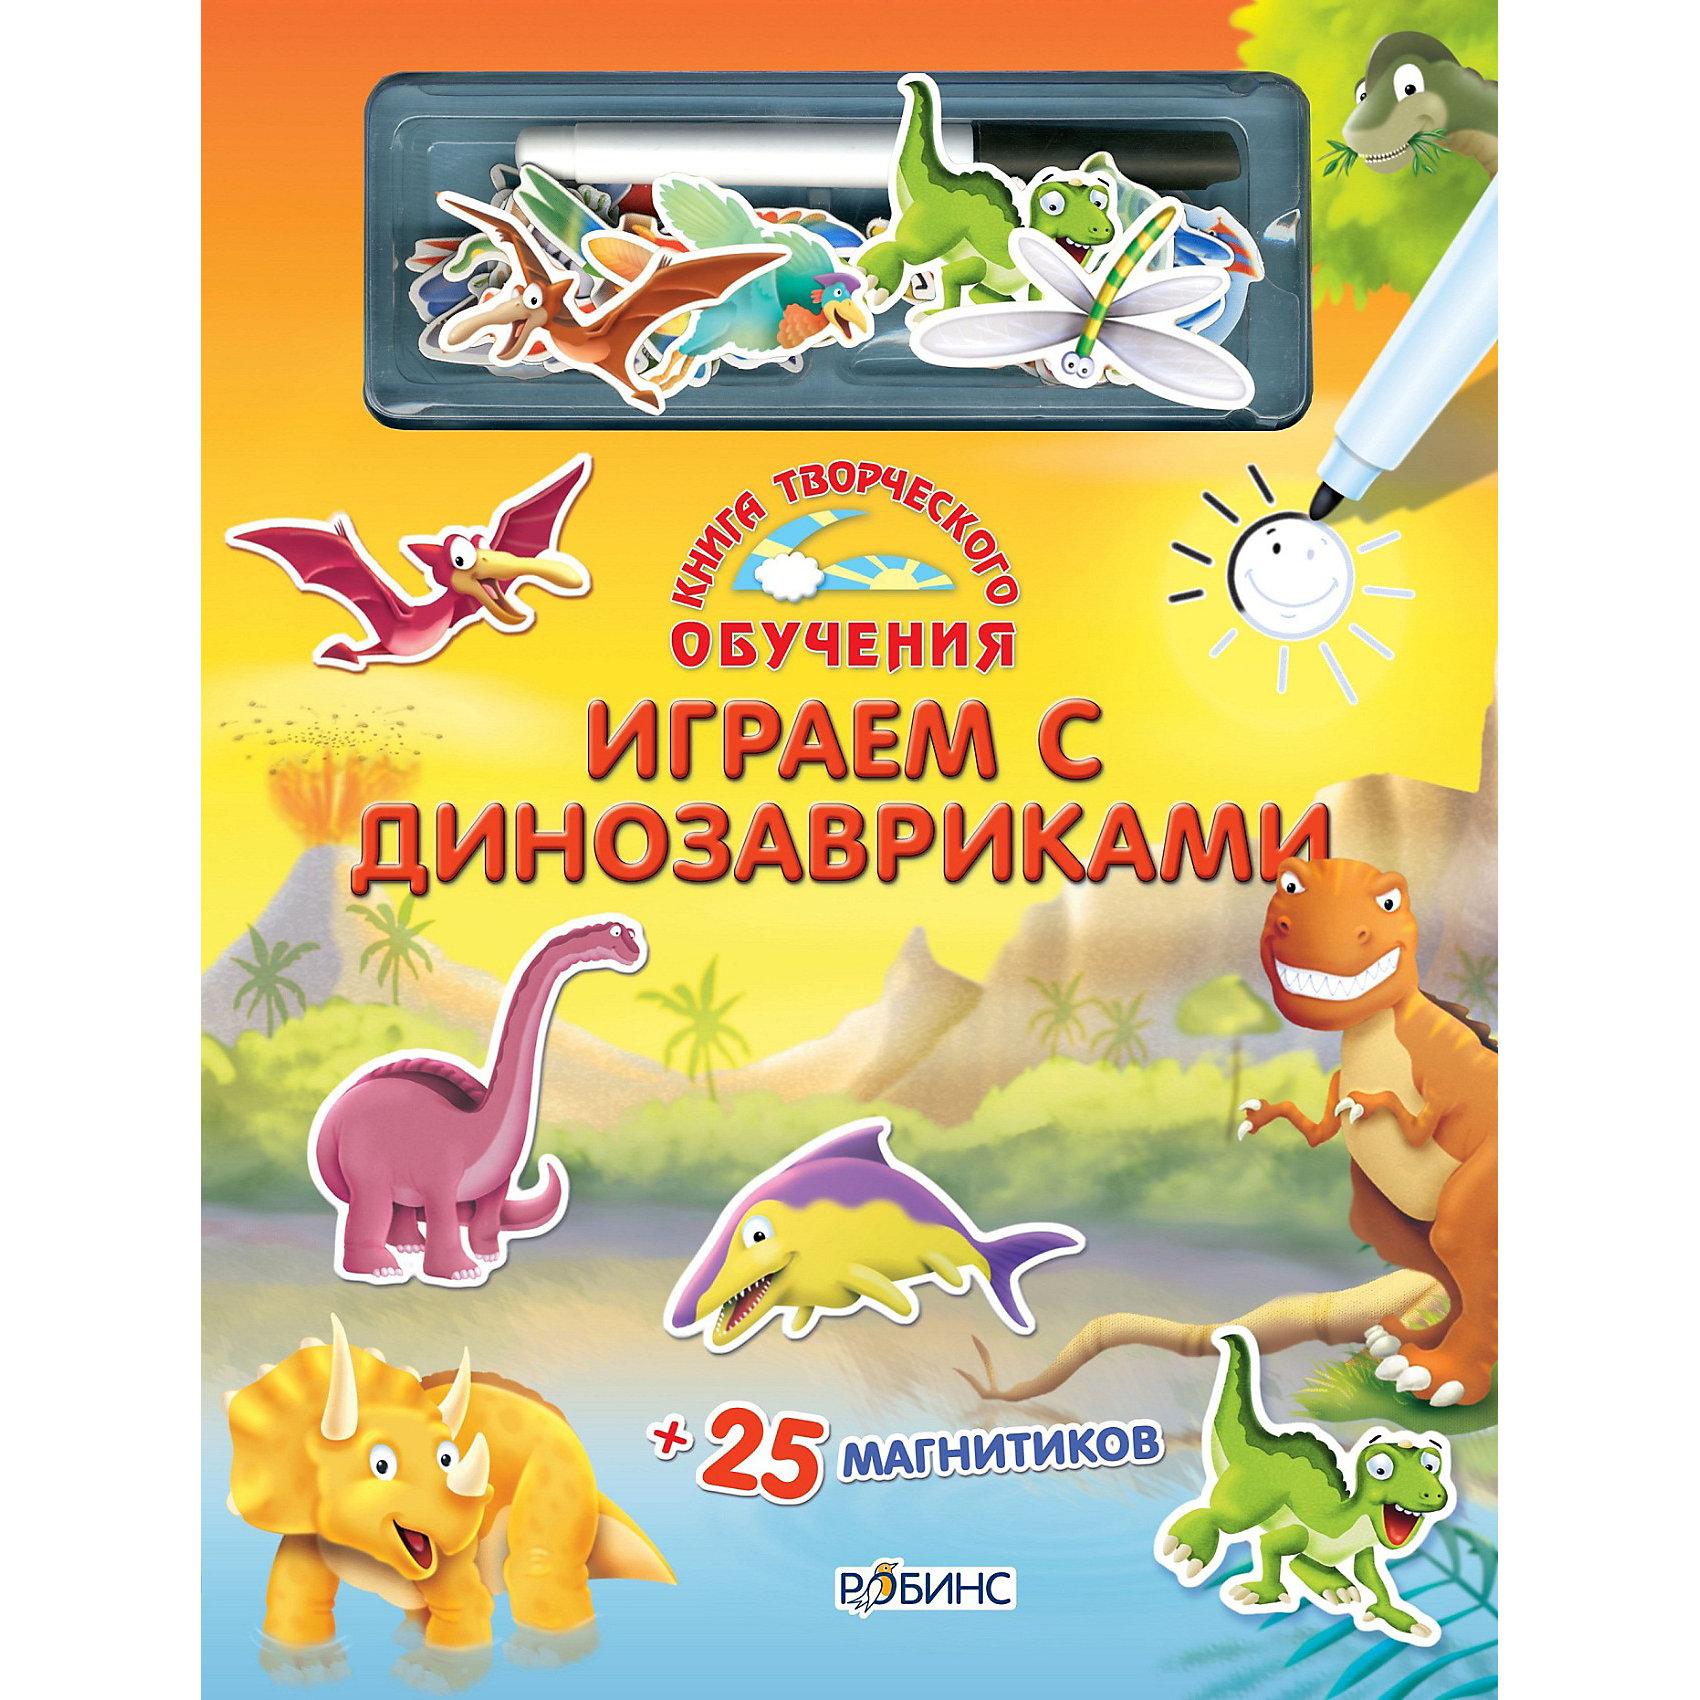 Играем с динозаврикамиСерия «Книга творческого обучения» - это:<br>- пошаговое обучение рисованию с помощью уникальных многоразовых страничек!<br>- обучение счёту и изучение основных цветов радуги!<br>- развитие мелкой моторики, внимания и творческих способностей вашего ребёнка!<br>- большой простор для воображения!<br>- весёлые игры с магнитиками!<br>С помощью этой уникальной книги ваш ребёнок, играя с магнитиками и рисуя на многоразовых страничках, с которых он может стирать и рисовать на них вновь и вновь, будет обучаться рисованию, счёту, изучать цвета, развивать свои творческие способности и мелкую моторику.<br><br>Формат — 12 стр, 25 магнитиков, многоразовые странички, твёрдый переплёт<br><br>Ширина мм: 12<br>Глубина мм: 240<br>Высота мм: 315<br>Вес г: 690<br>Возраст от месяцев: 36<br>Возраст до месяцев: 60<br>Пол: Унисекс<br>Возраст: Детский<br>SKU: 2397486